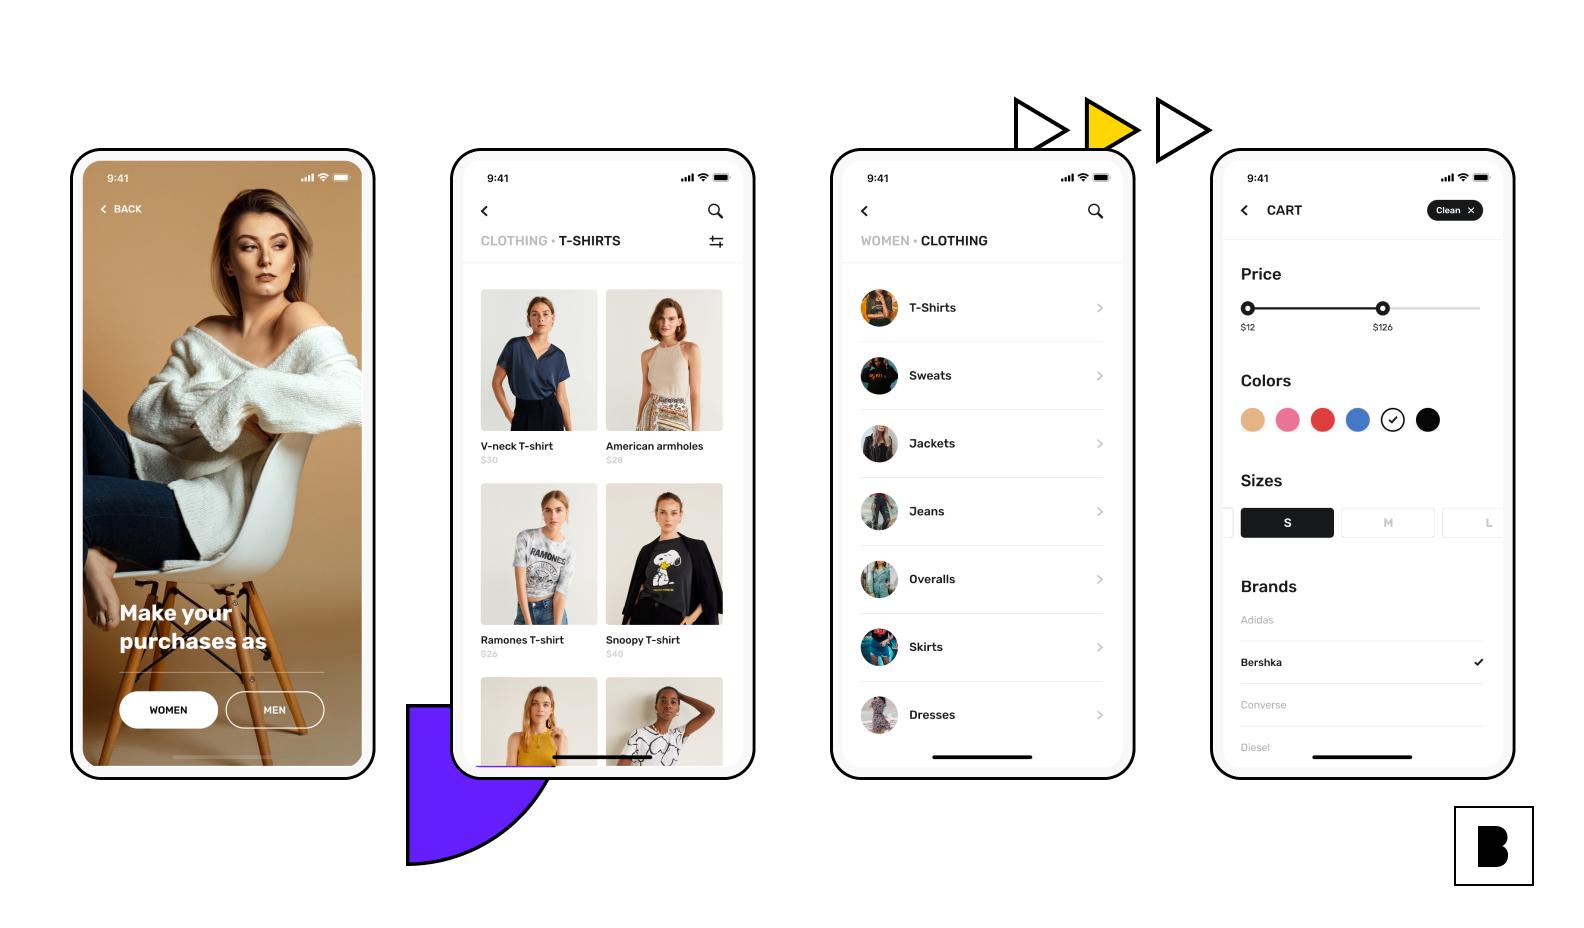 Pre-packaged app screens